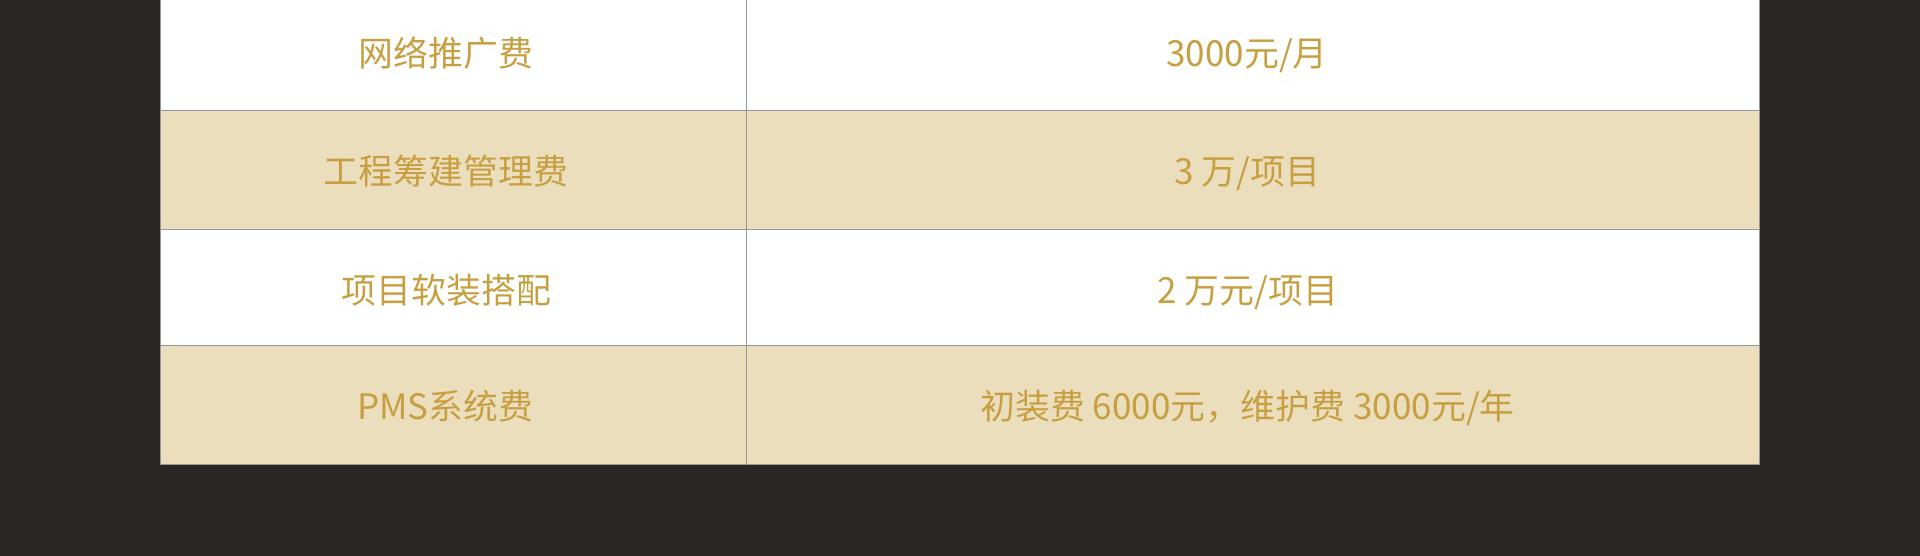 天鹅恋酒店PC_10